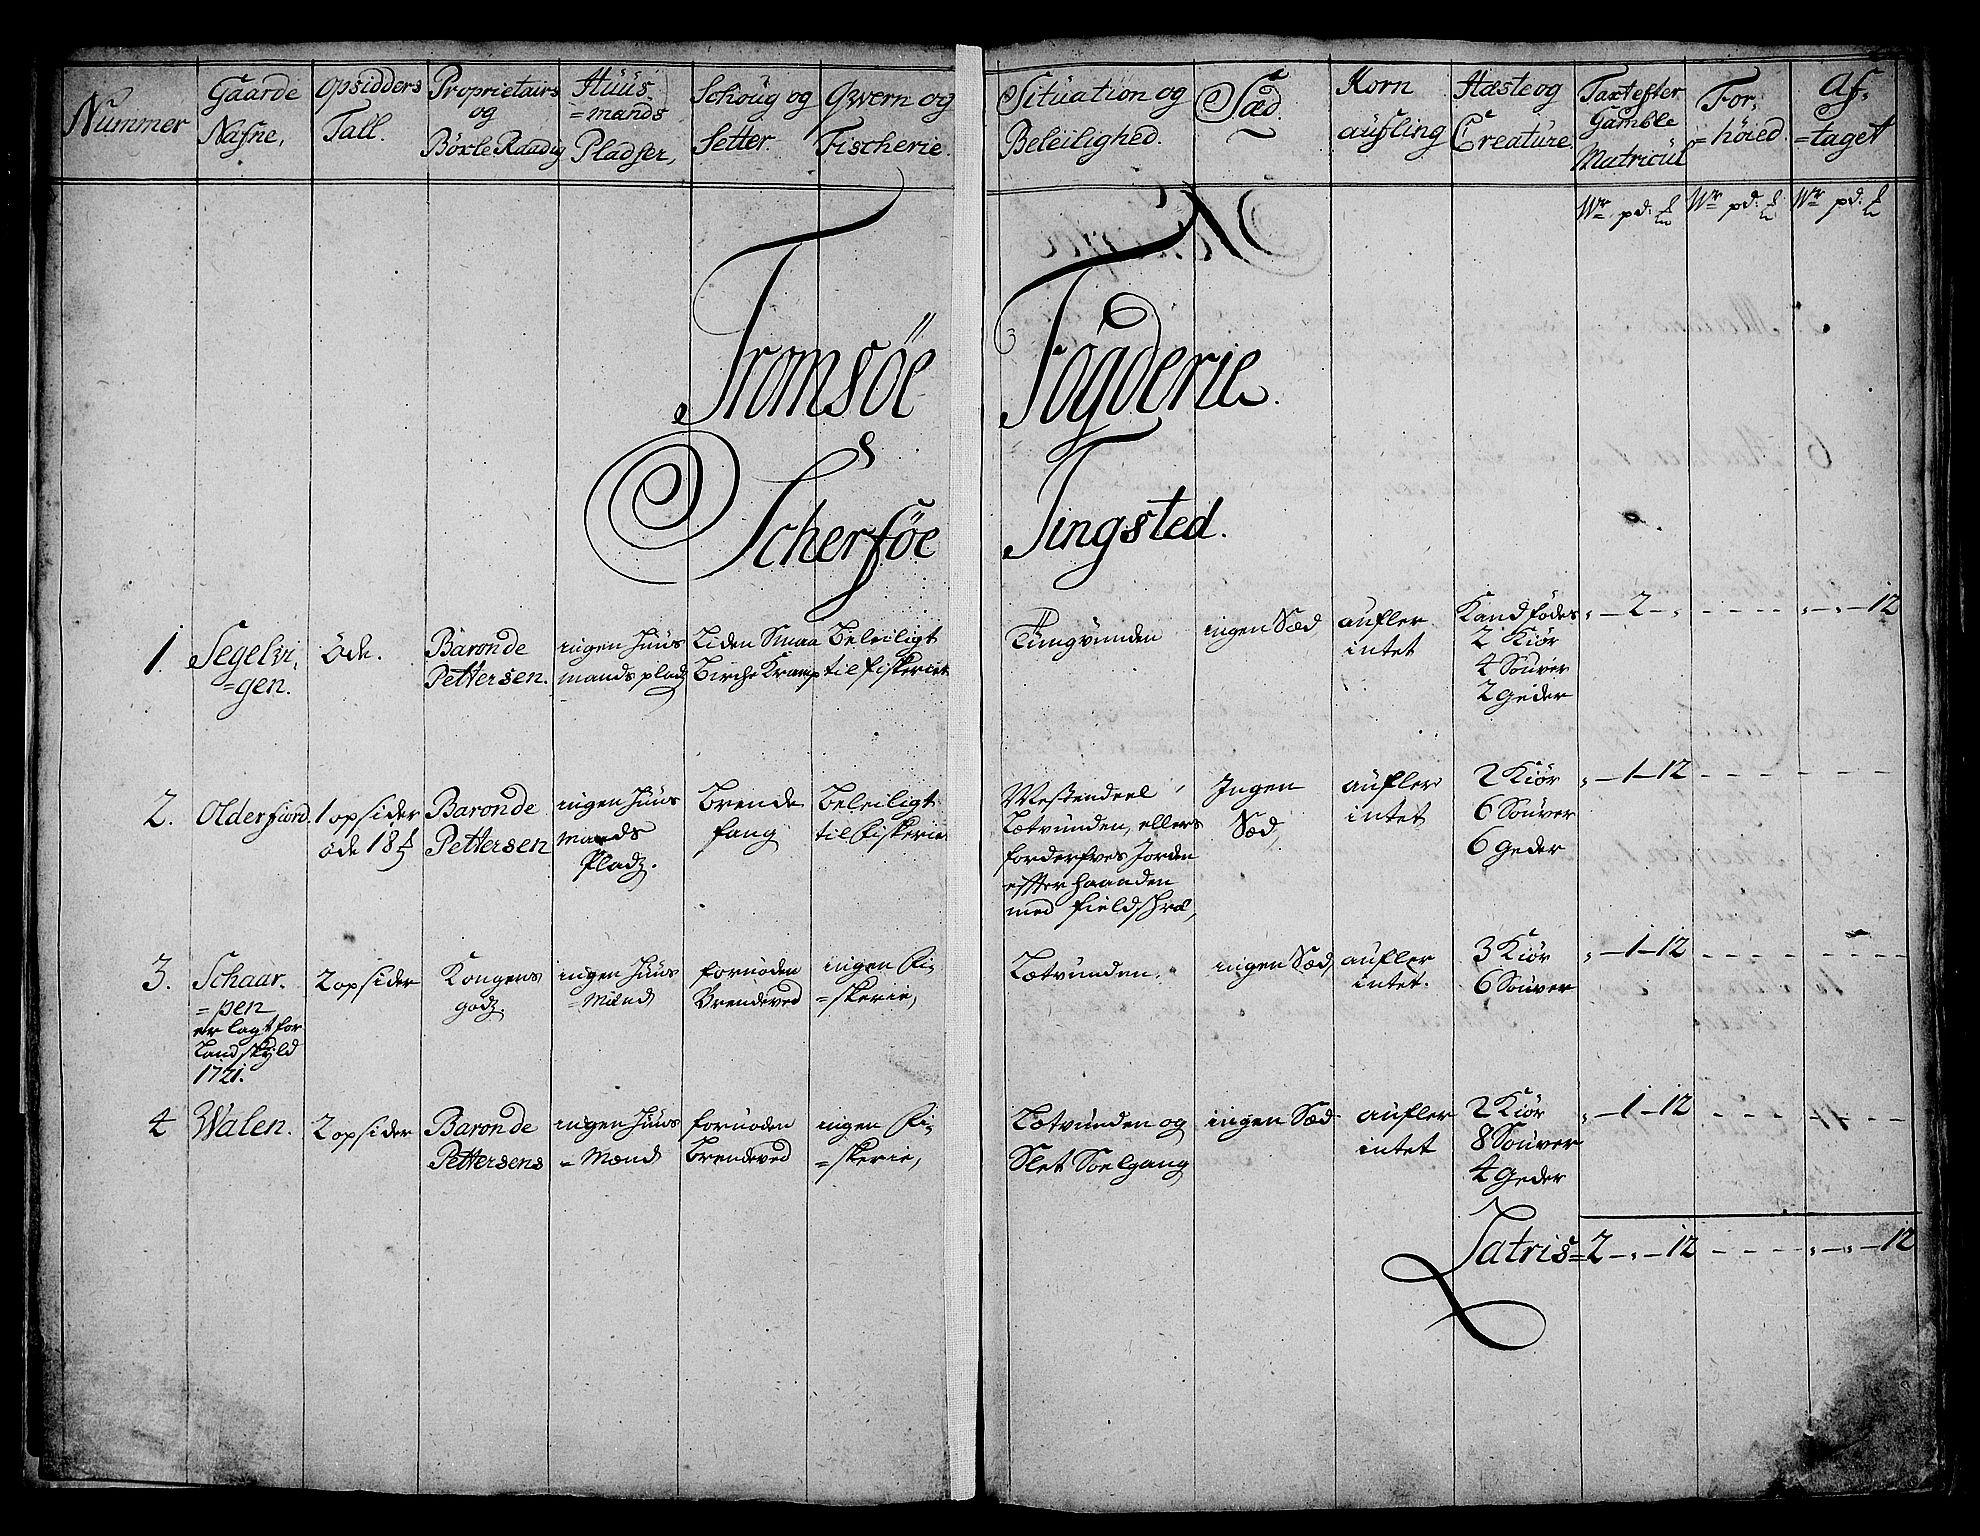 RA, Rentekammeret inntil 1814, Realistisk ordnet avdeling, N/Nb/Nbf/L0180: Troms eksaminasjonsprotokoll, 1723, s. 1b-2a